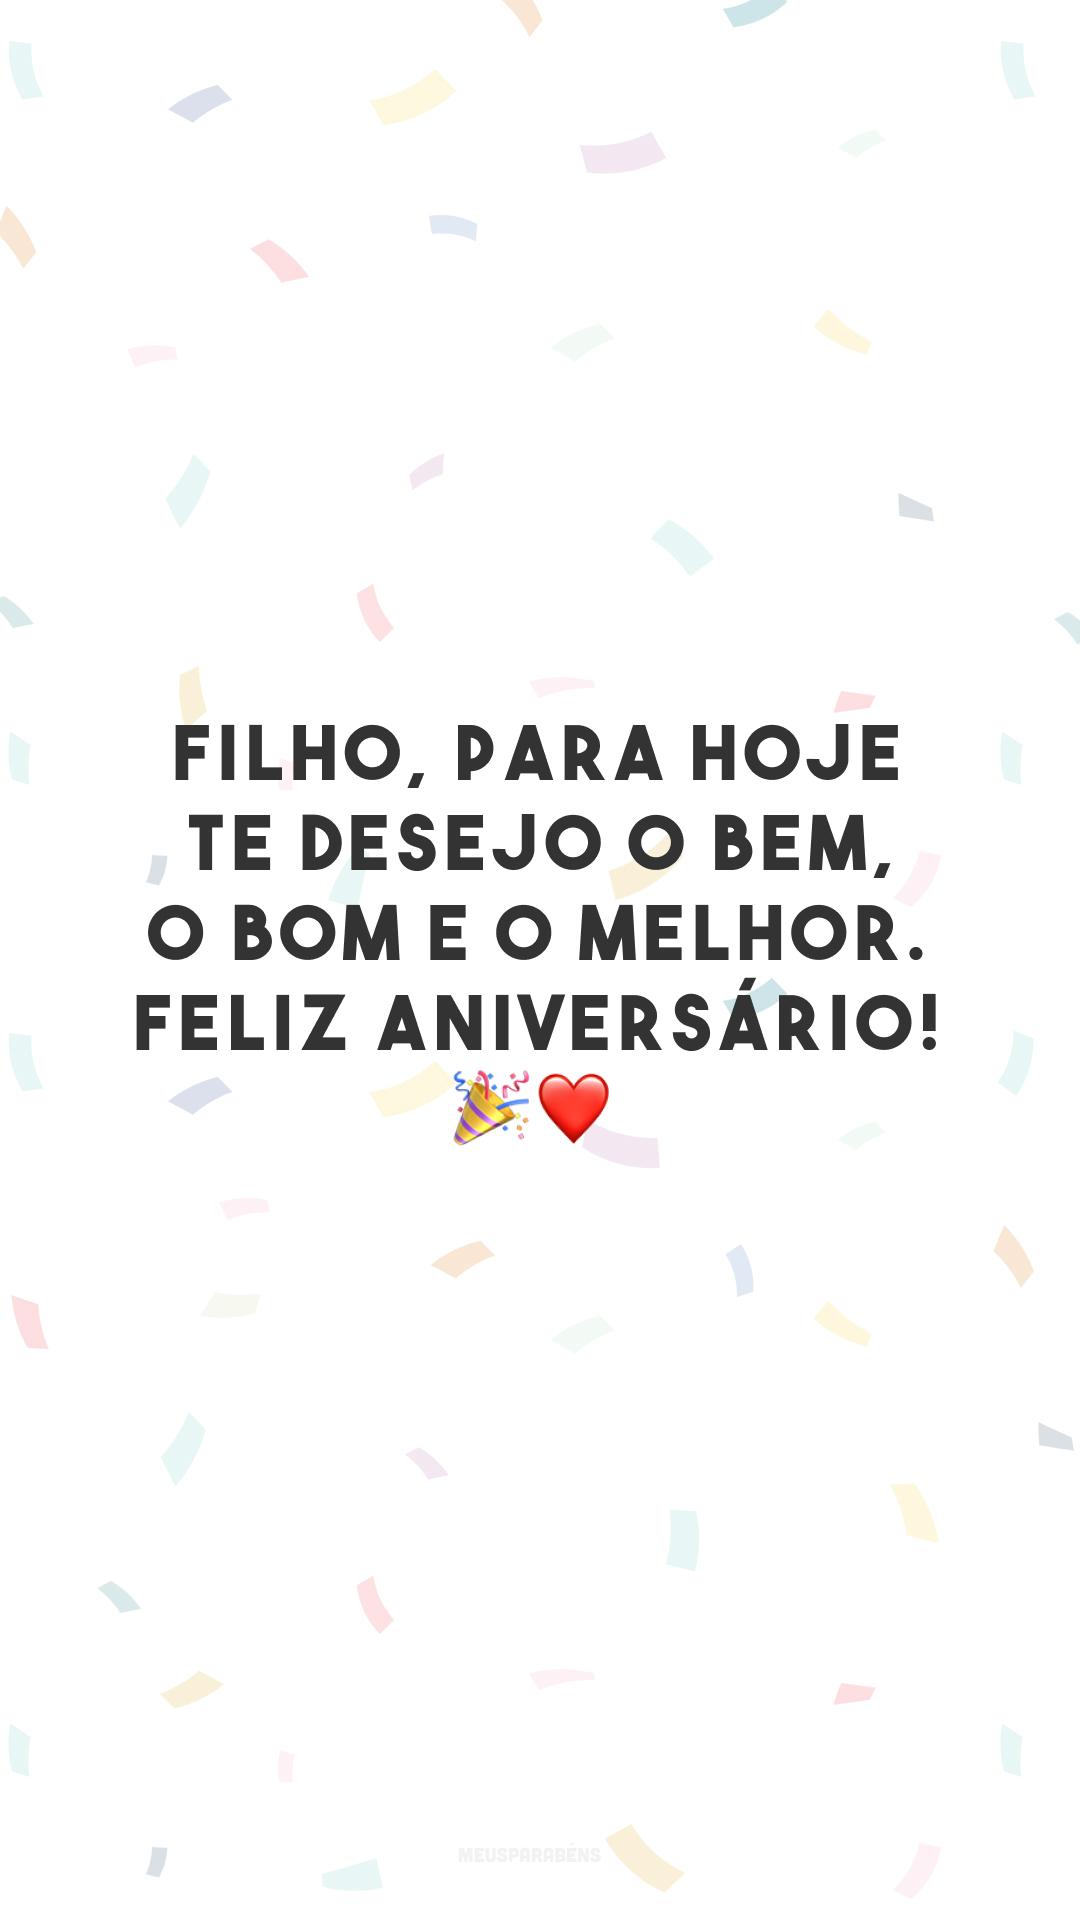 Filho, para hoje te desejo o bem, o bom e o melhor. Feliz aniversário! 🎉❤️